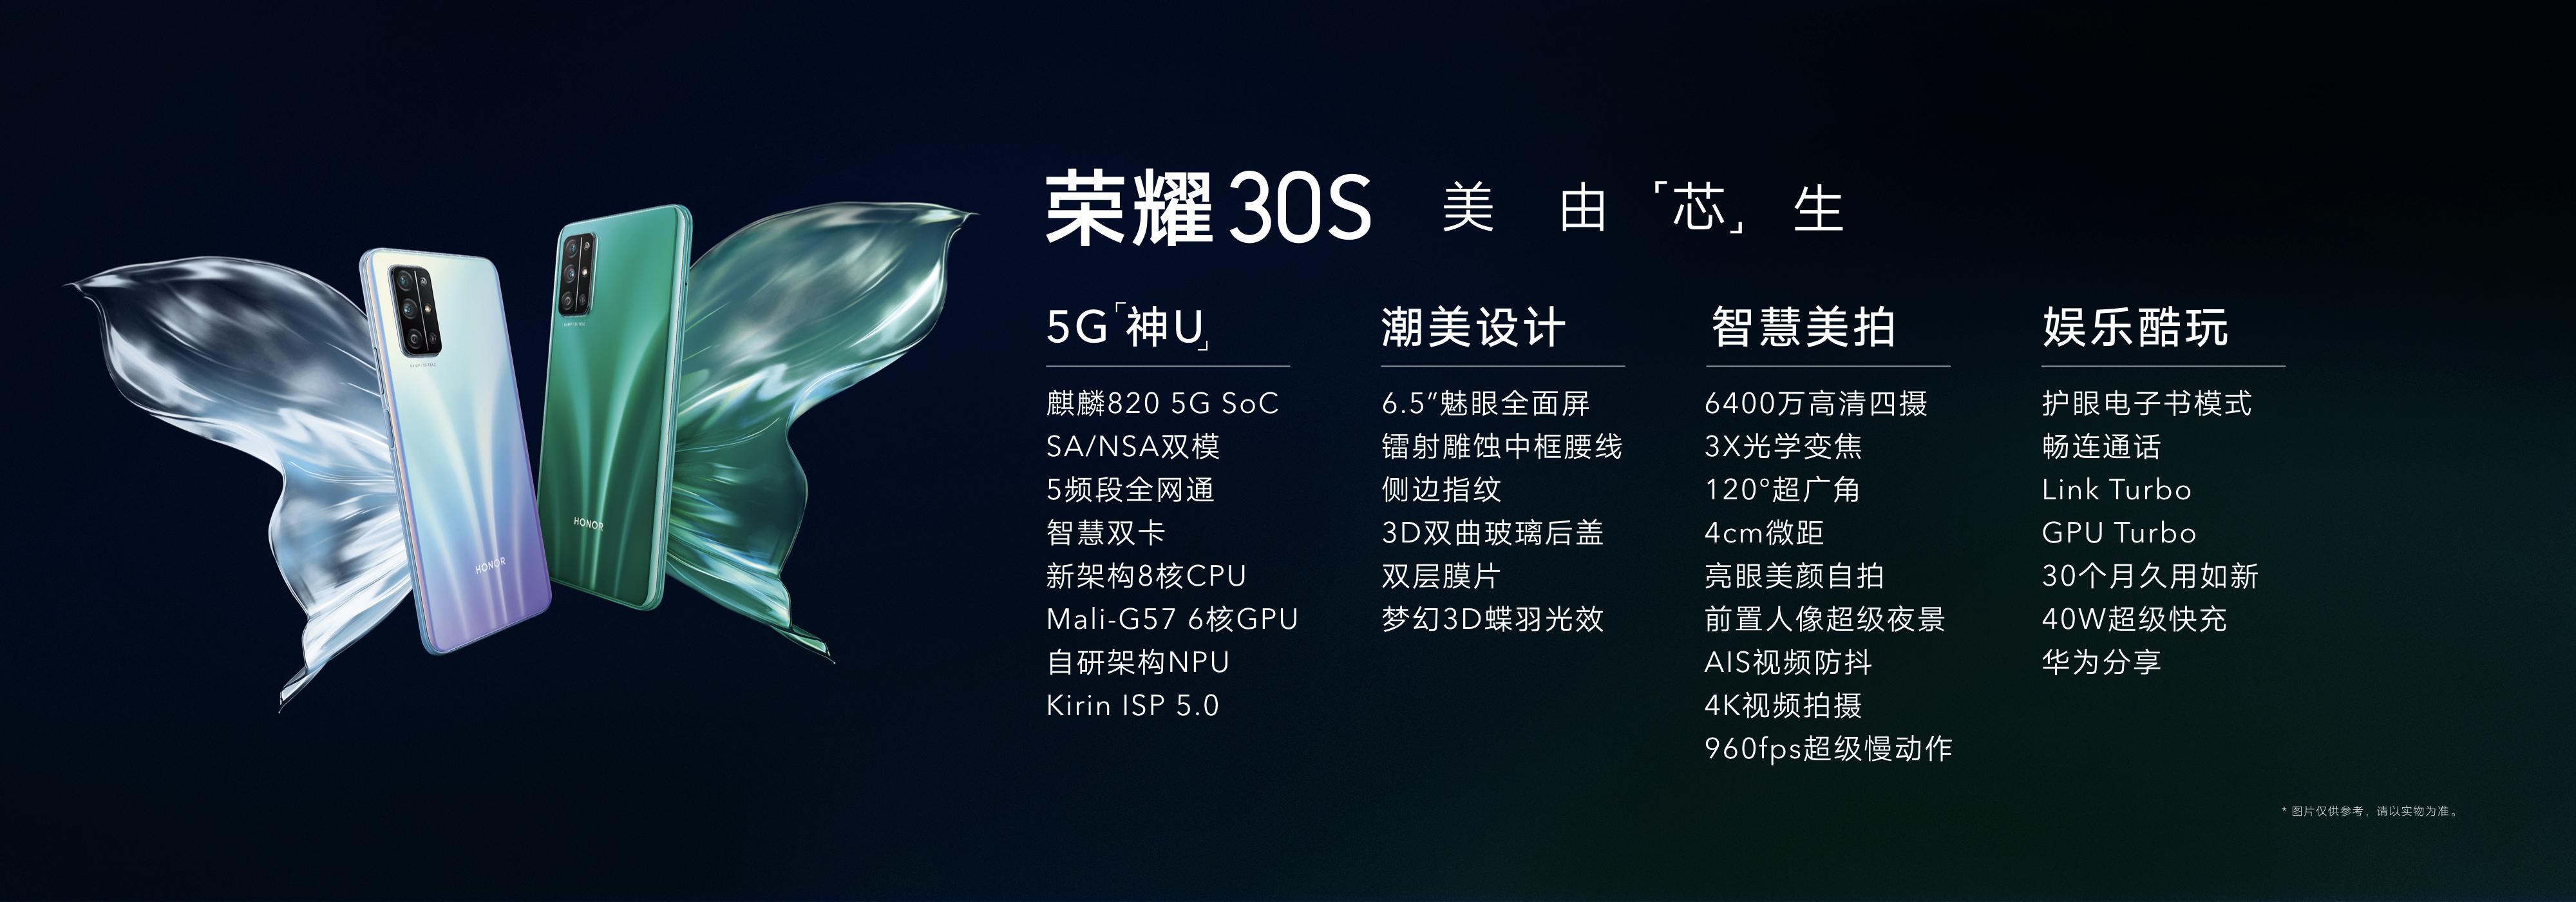 荣耀30S发布会胶片.052.jpeg